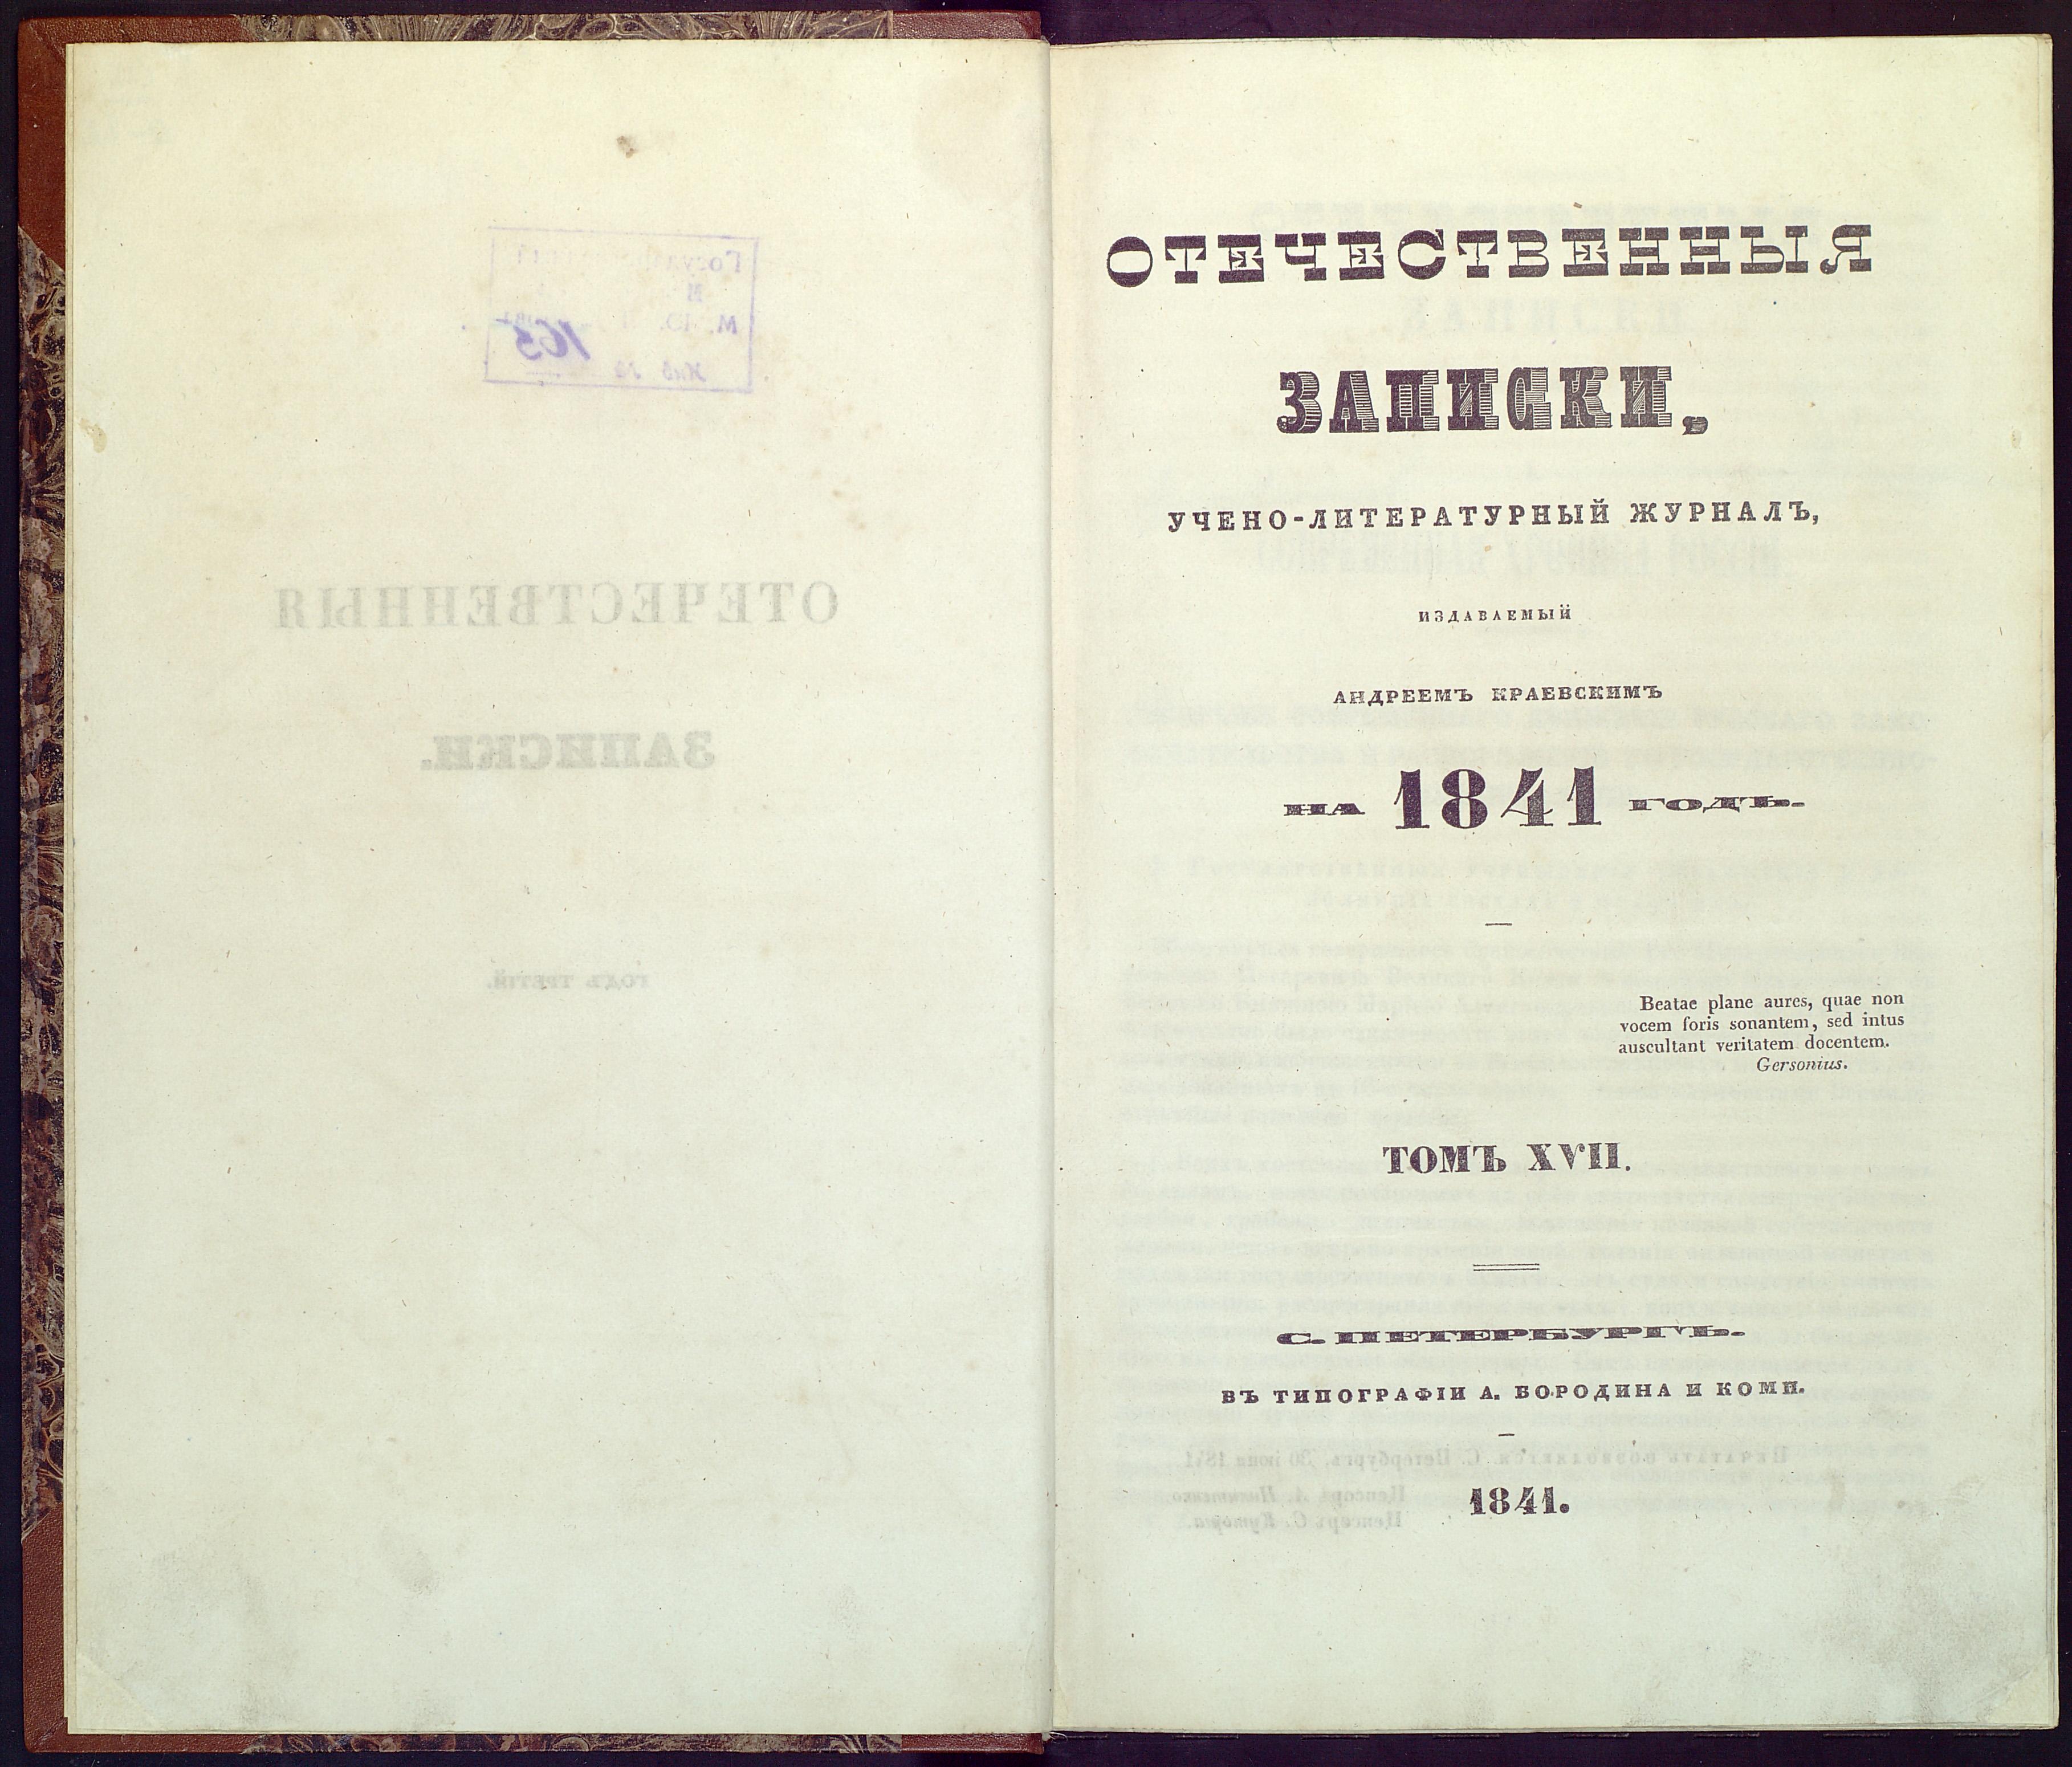 ЛОК-7551 ТАРХАНЫ КП-14173  Журнал Отечественные записки. Т. XVII_2